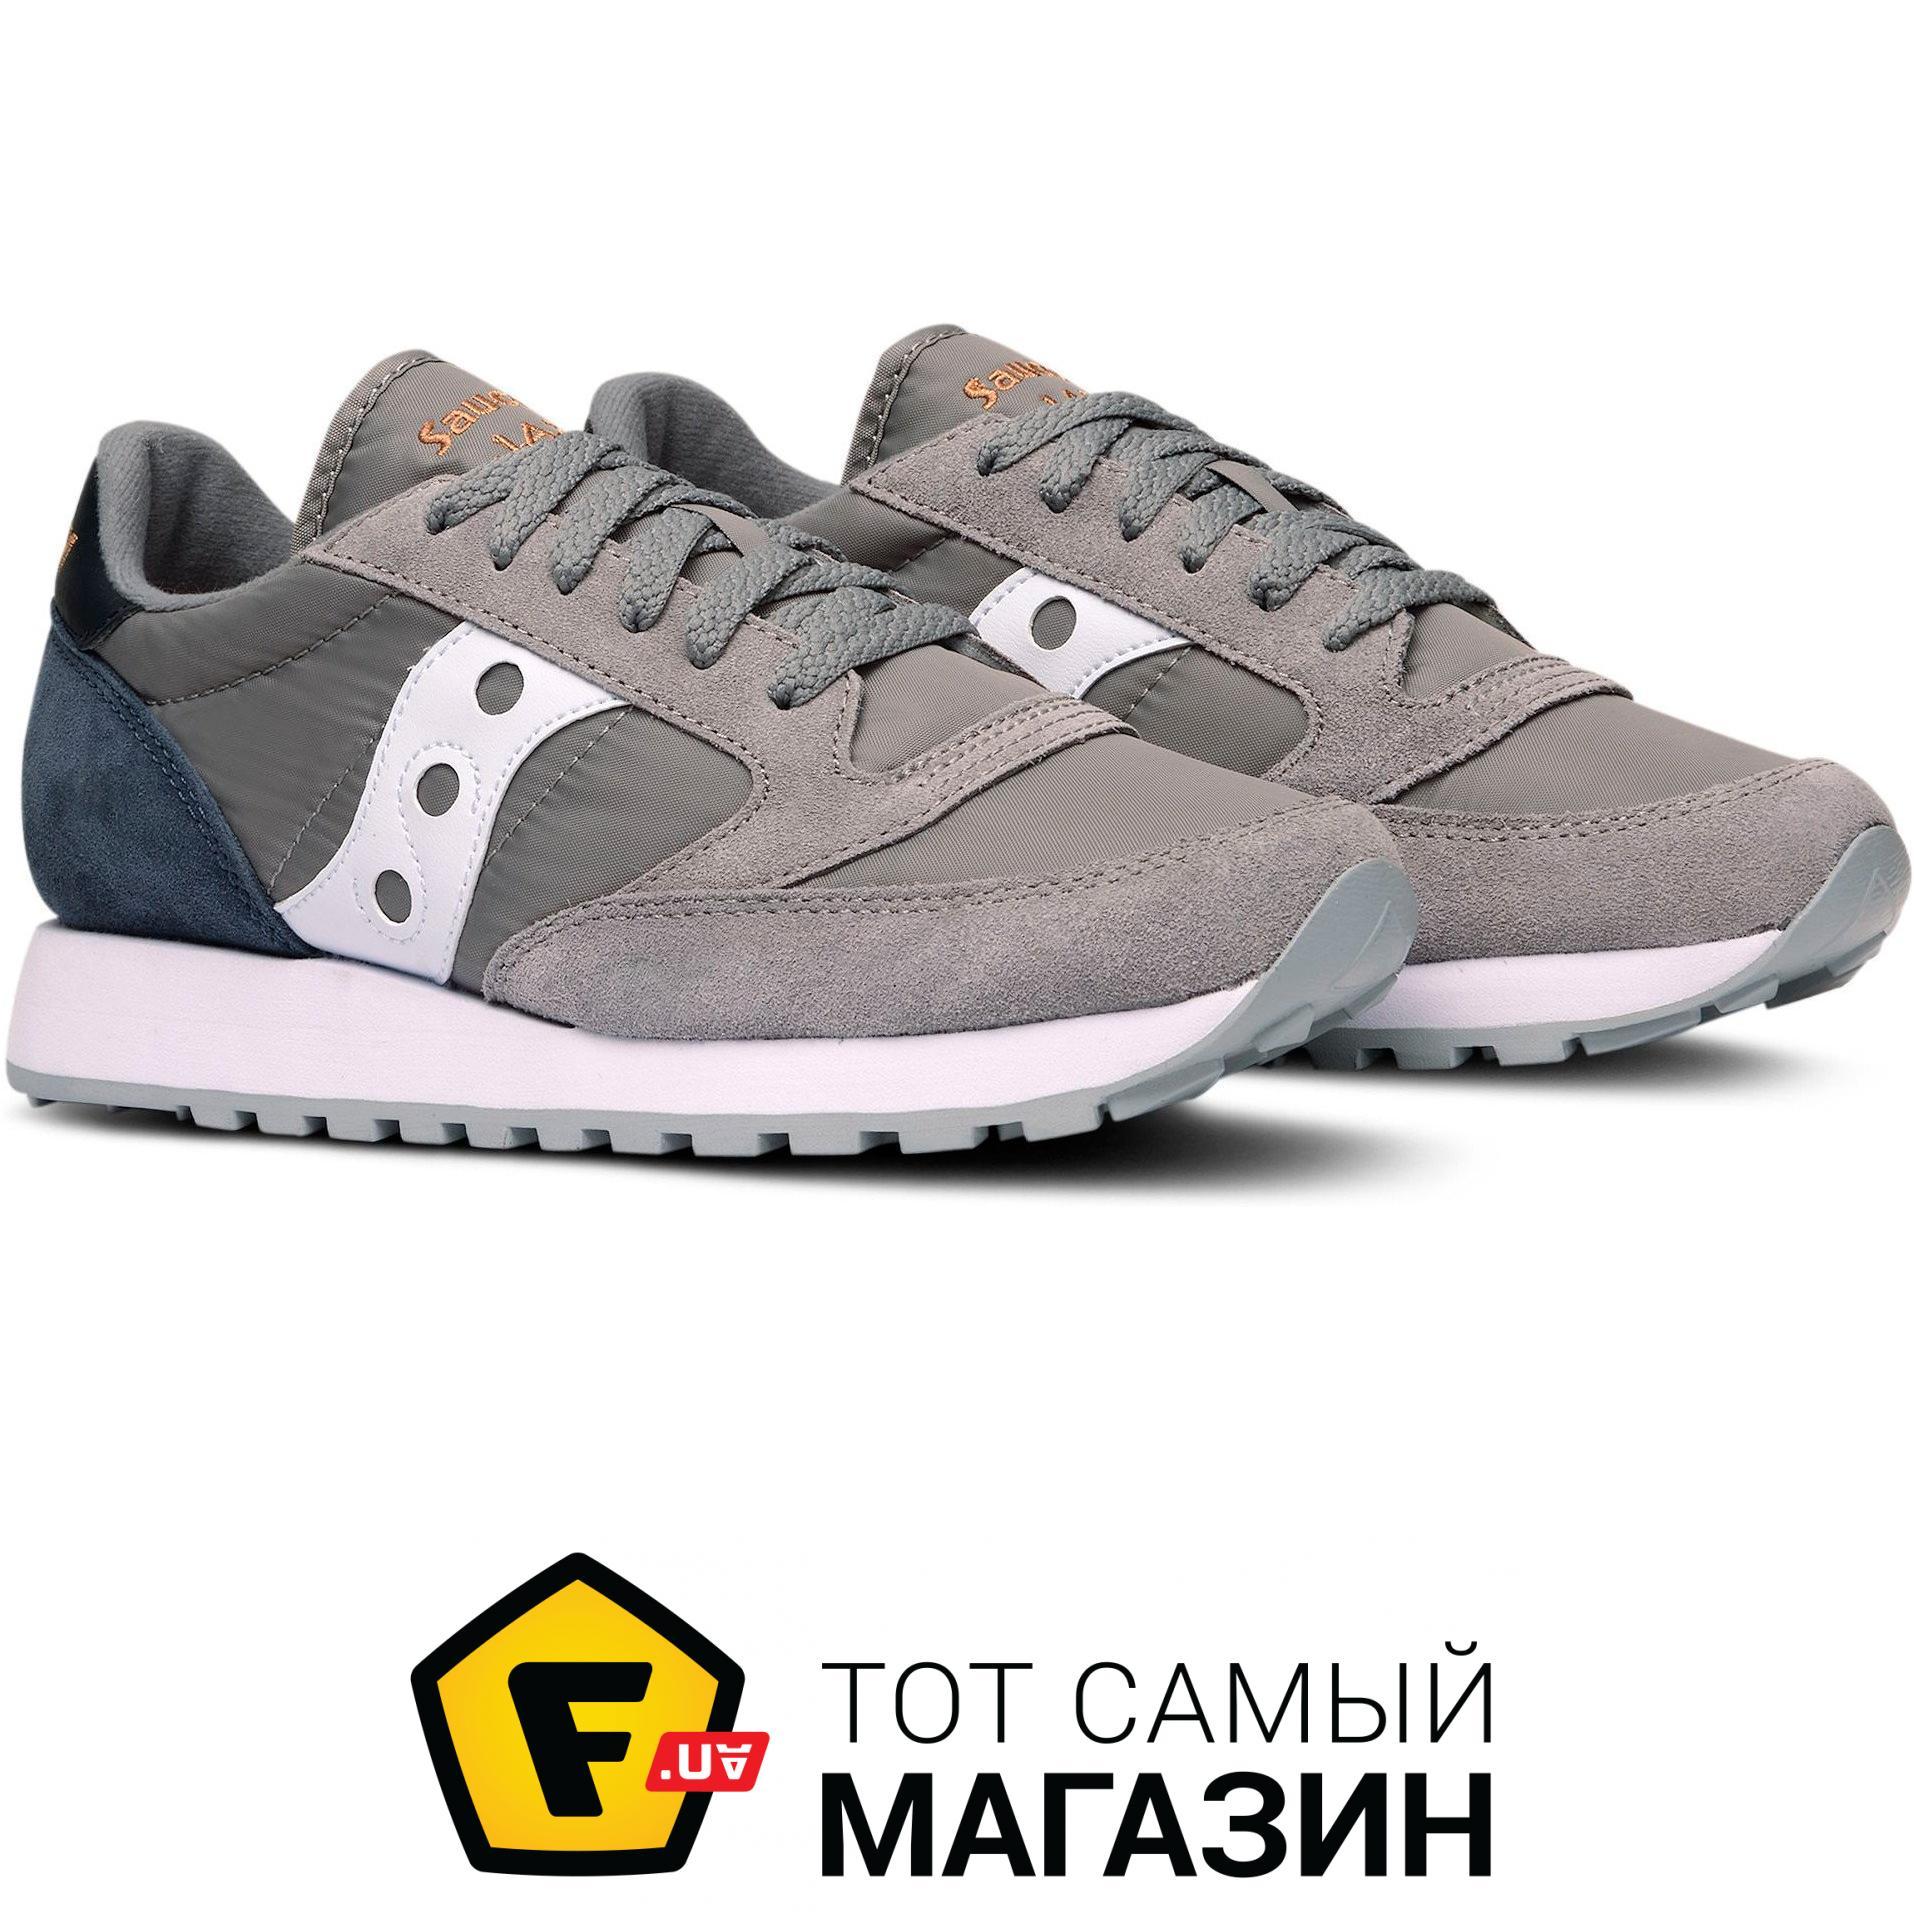 sports shoes 3e872 24781 Saucony Jazz Original 9.5, grey/navy (1044-454s)